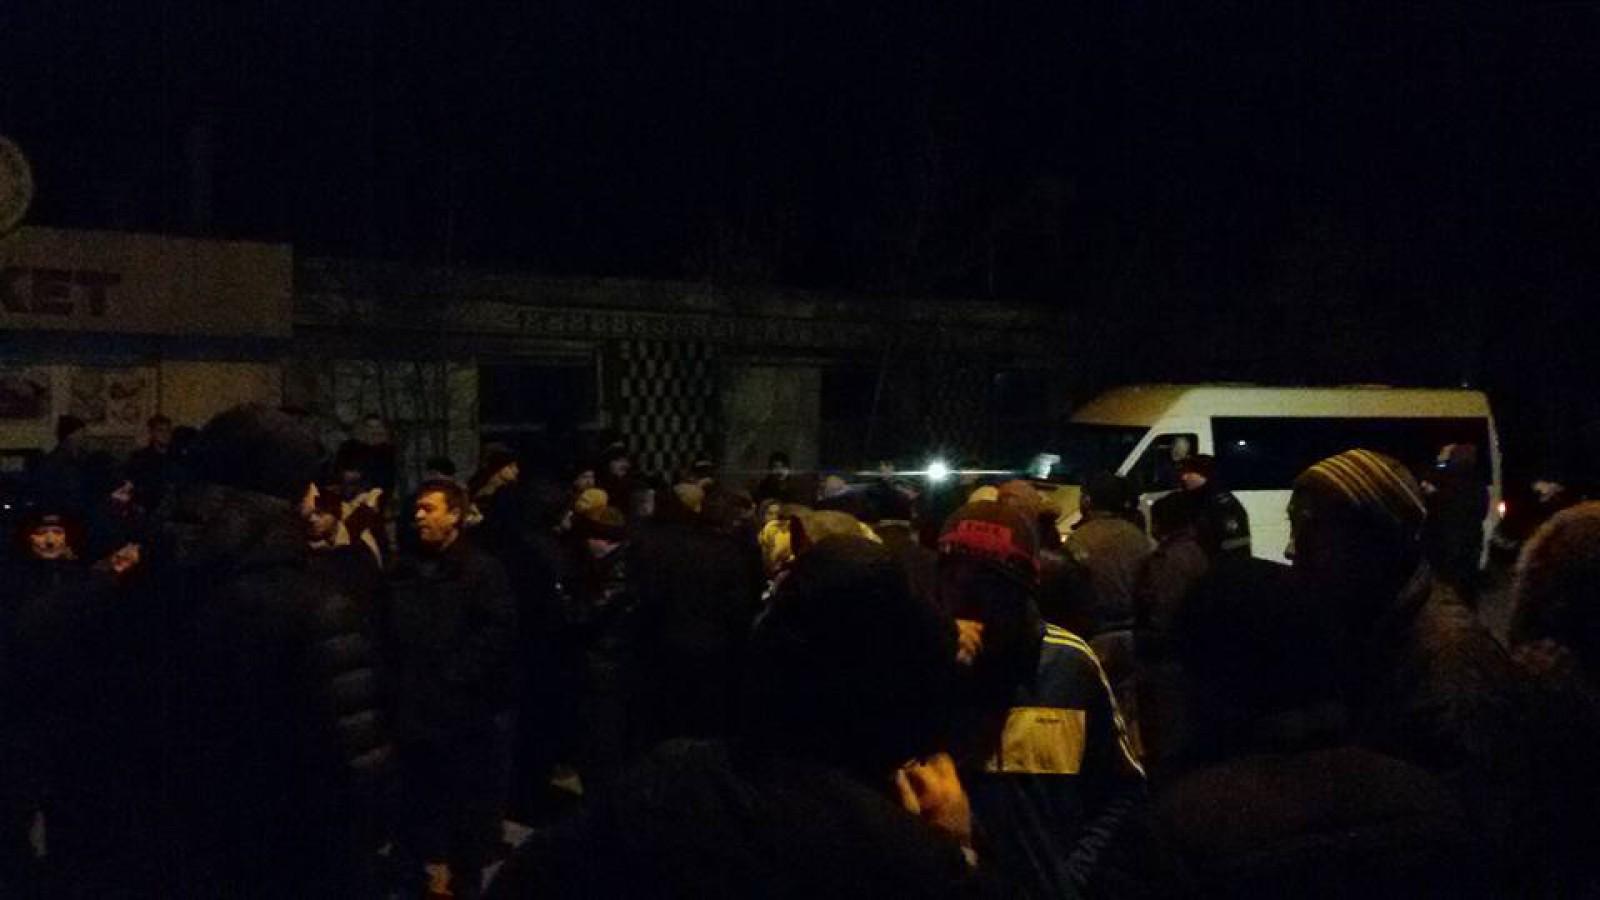 (foto) Un nou protest la Puhoi. Oamenii au blocat în această dimineață activitatea agentului care prestează servicii de transport